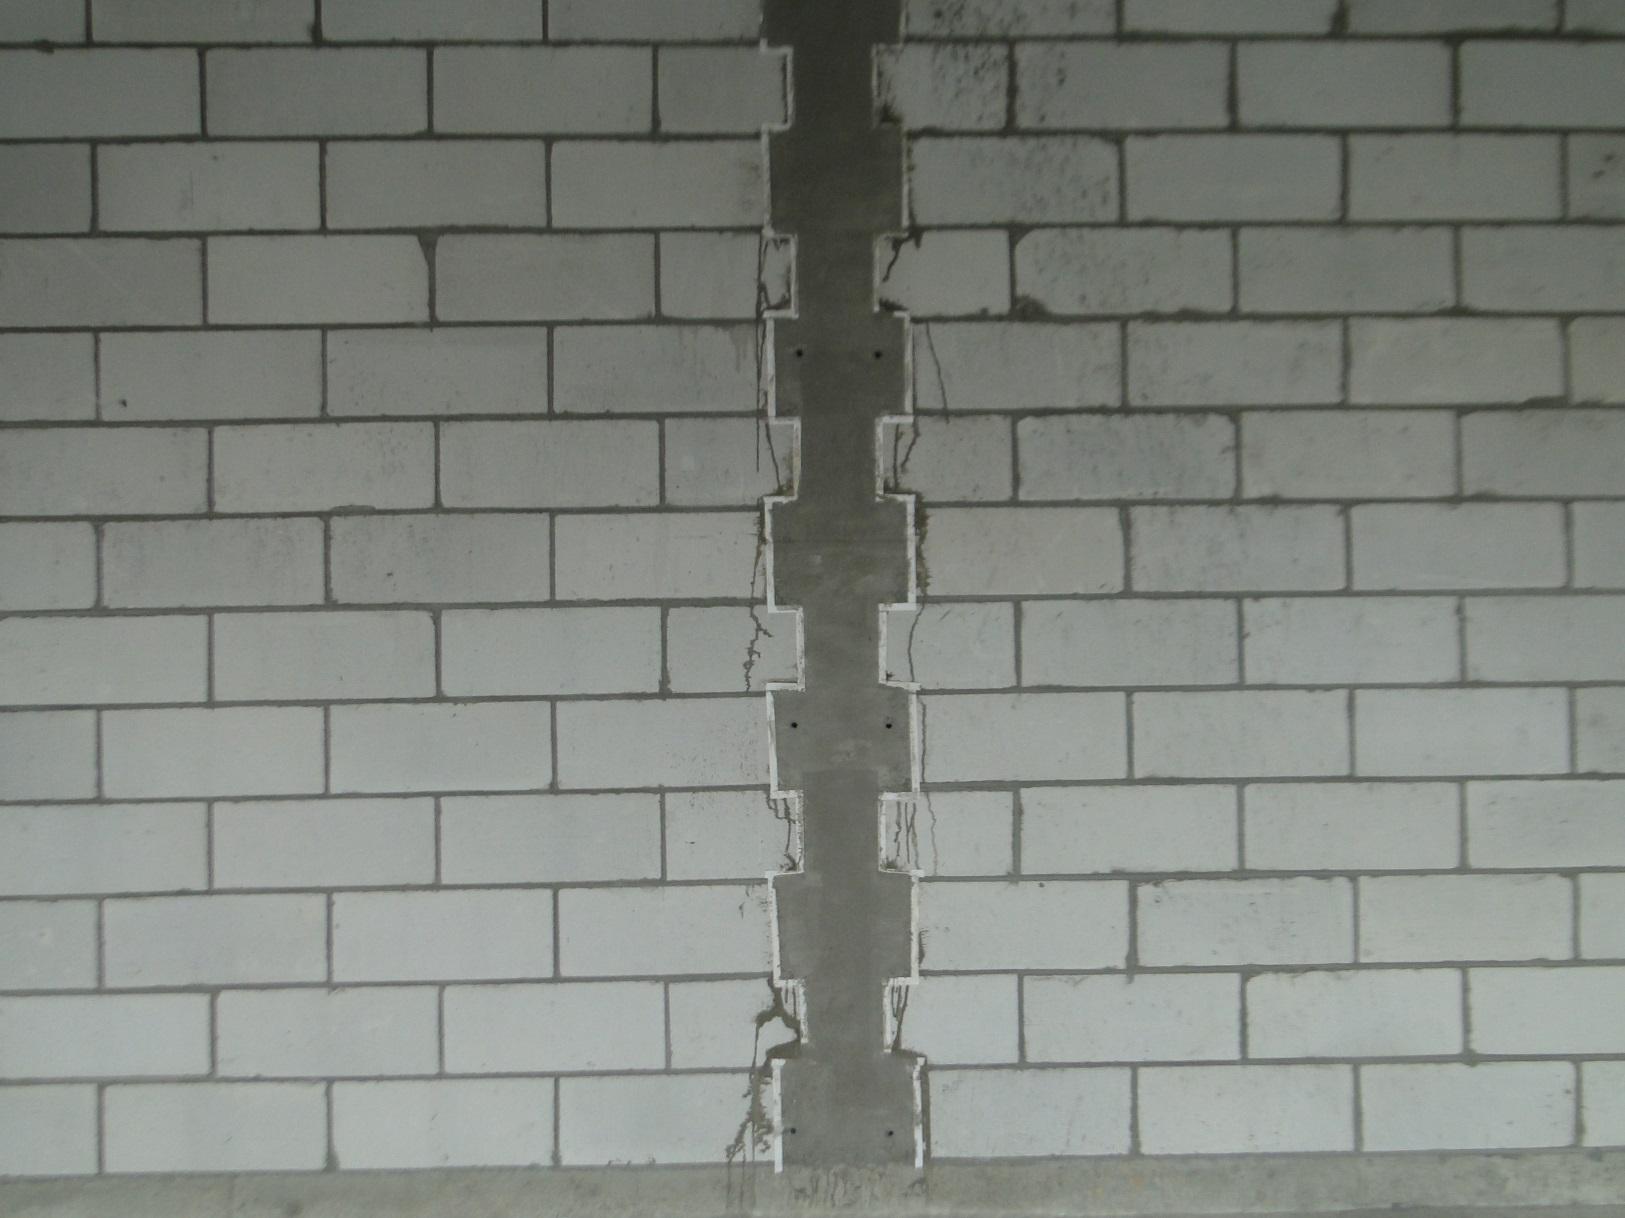 构造柱:混凝土与砌体结构接触处均贴双面胶,减少漏浆,美观整洁,且